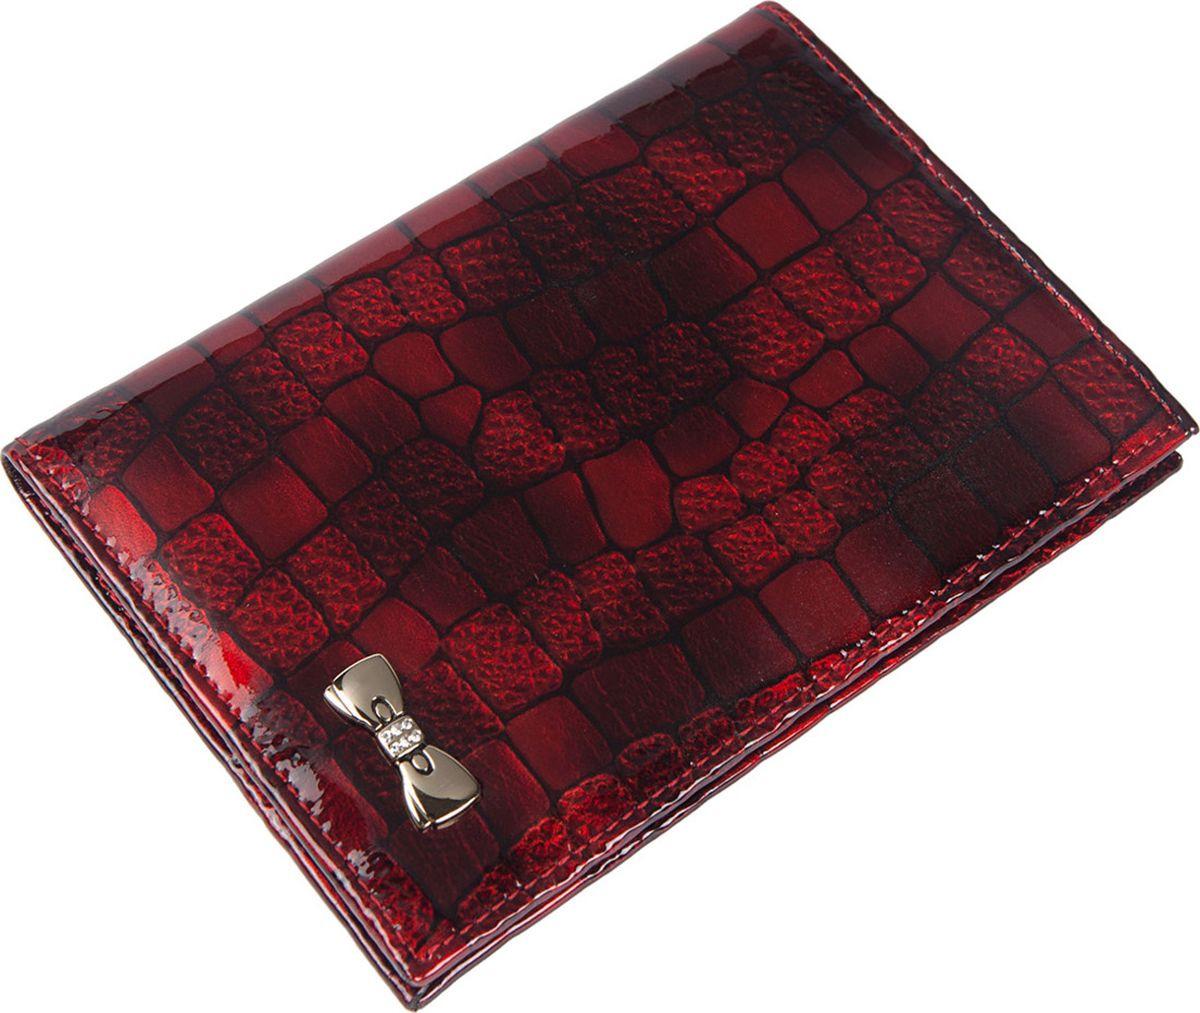 Обложка для документов женская Labbra, L058-1012 red/black, красный цена